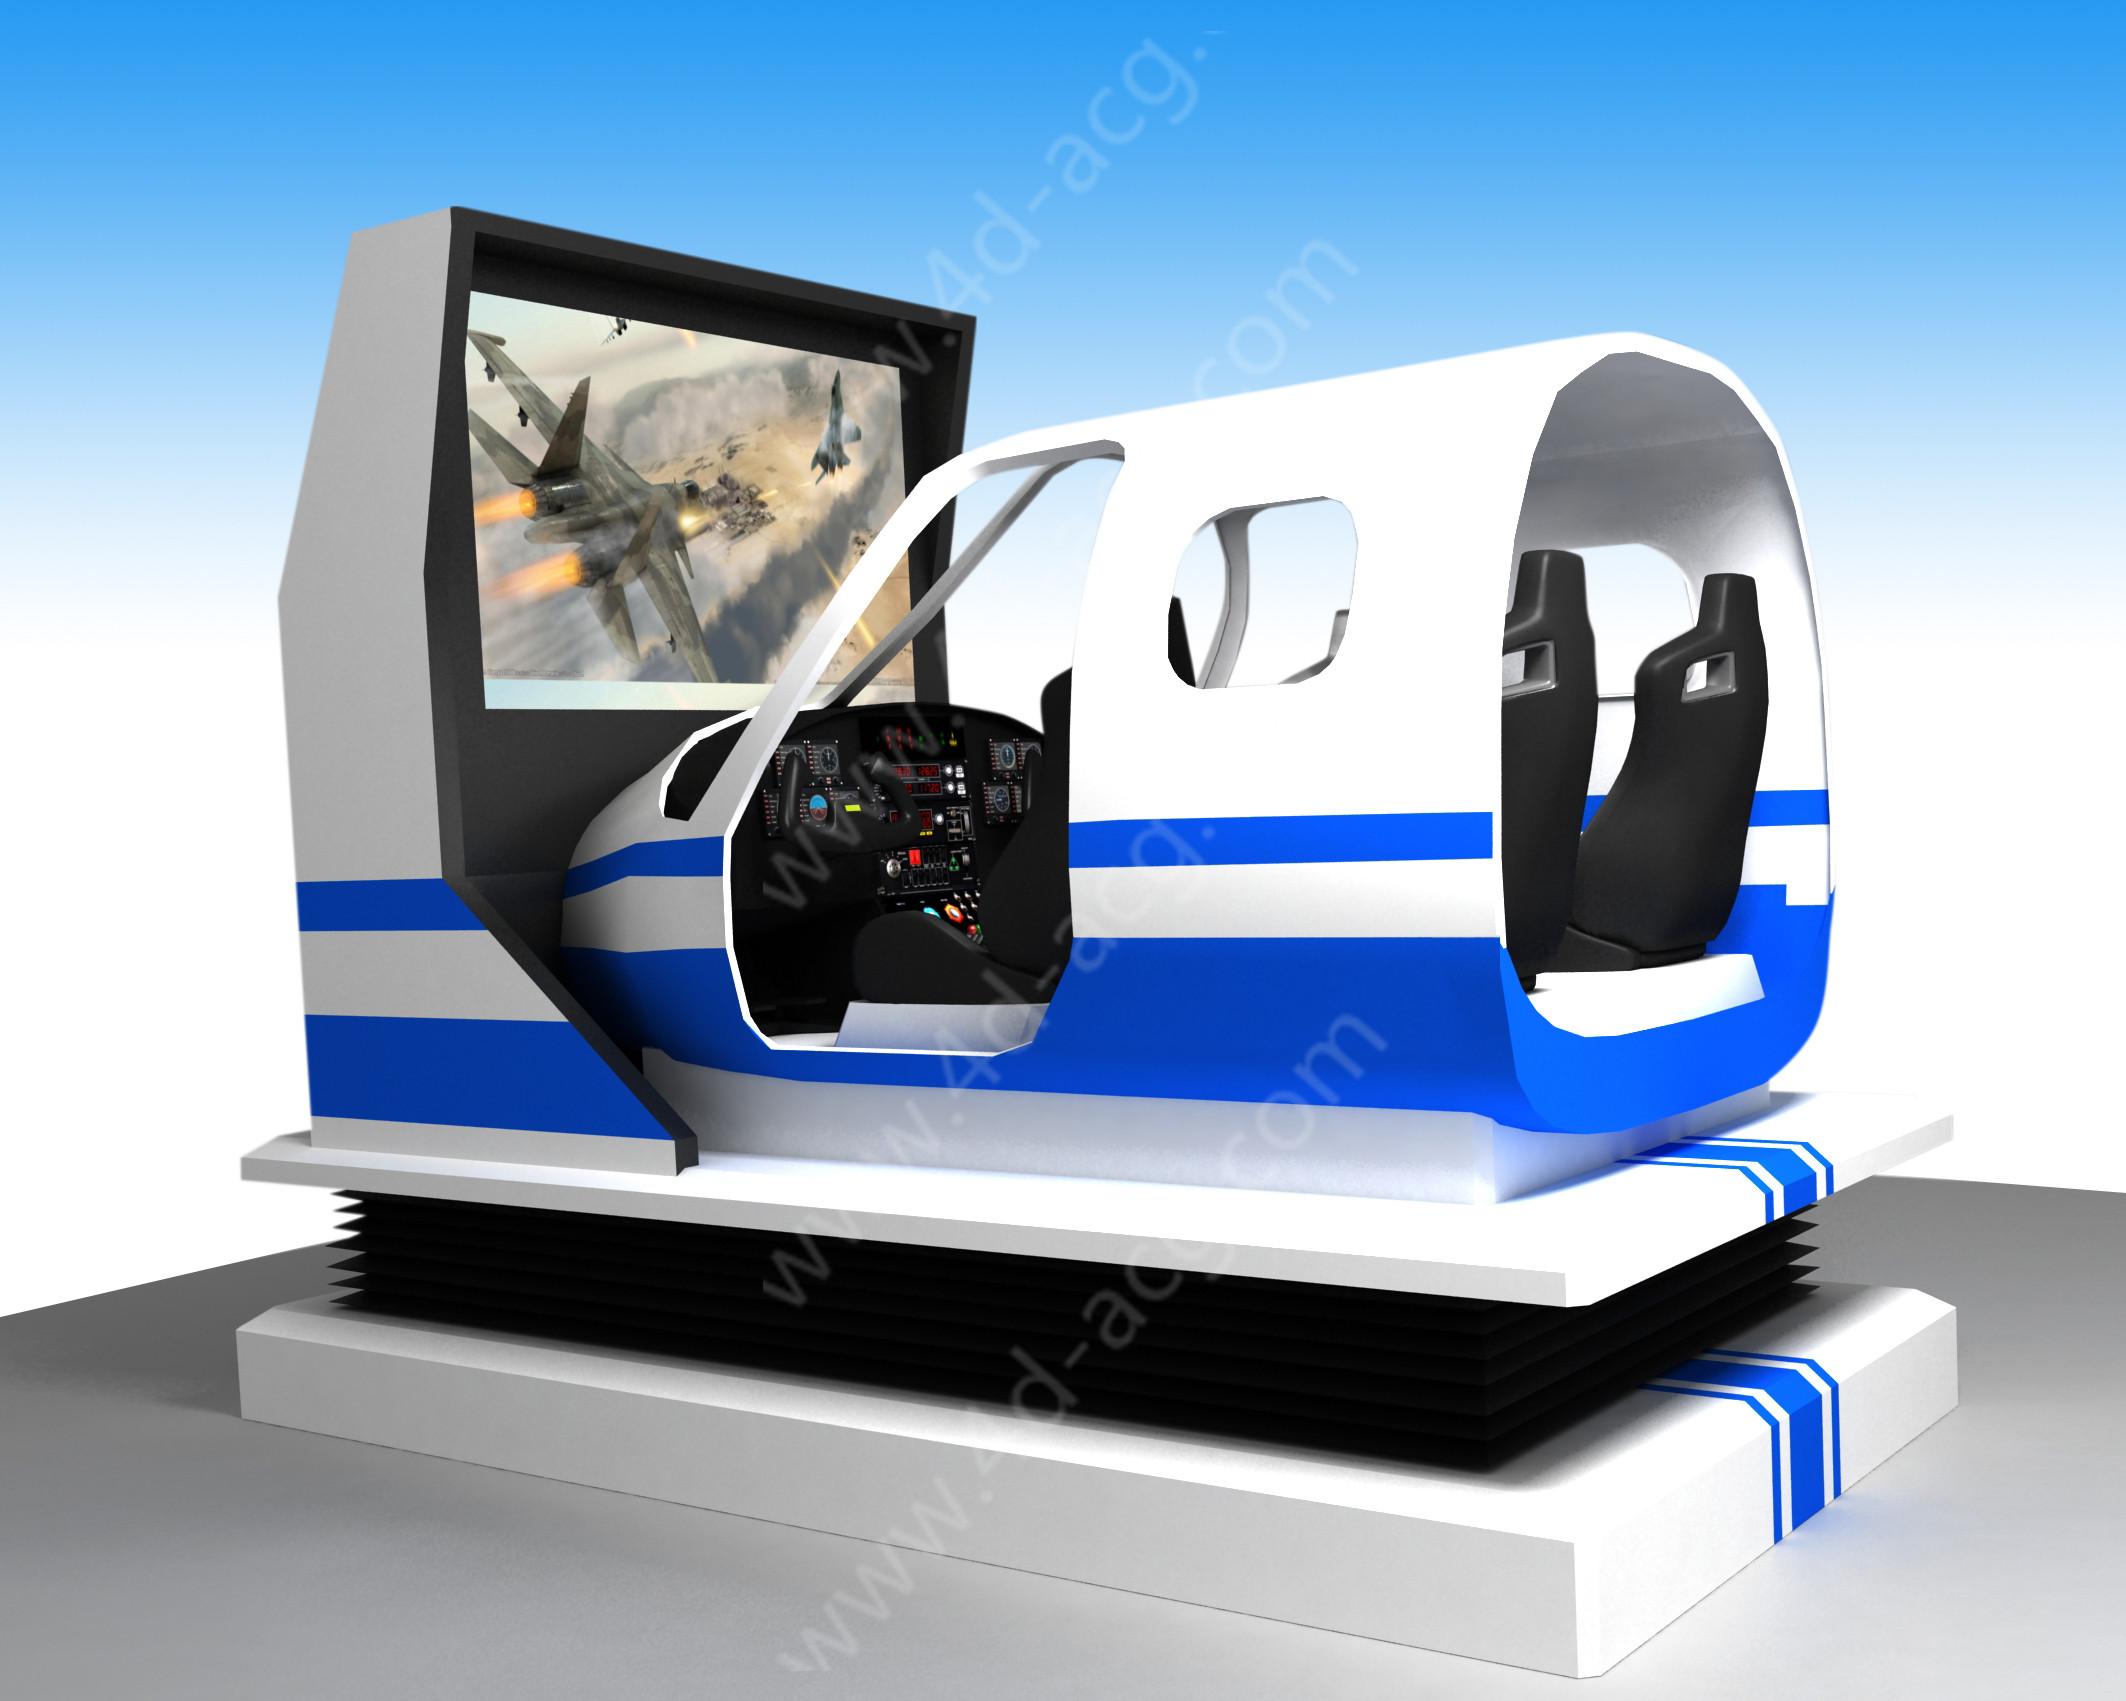 民航飞行模拟器,用于模拟飞机的起飞